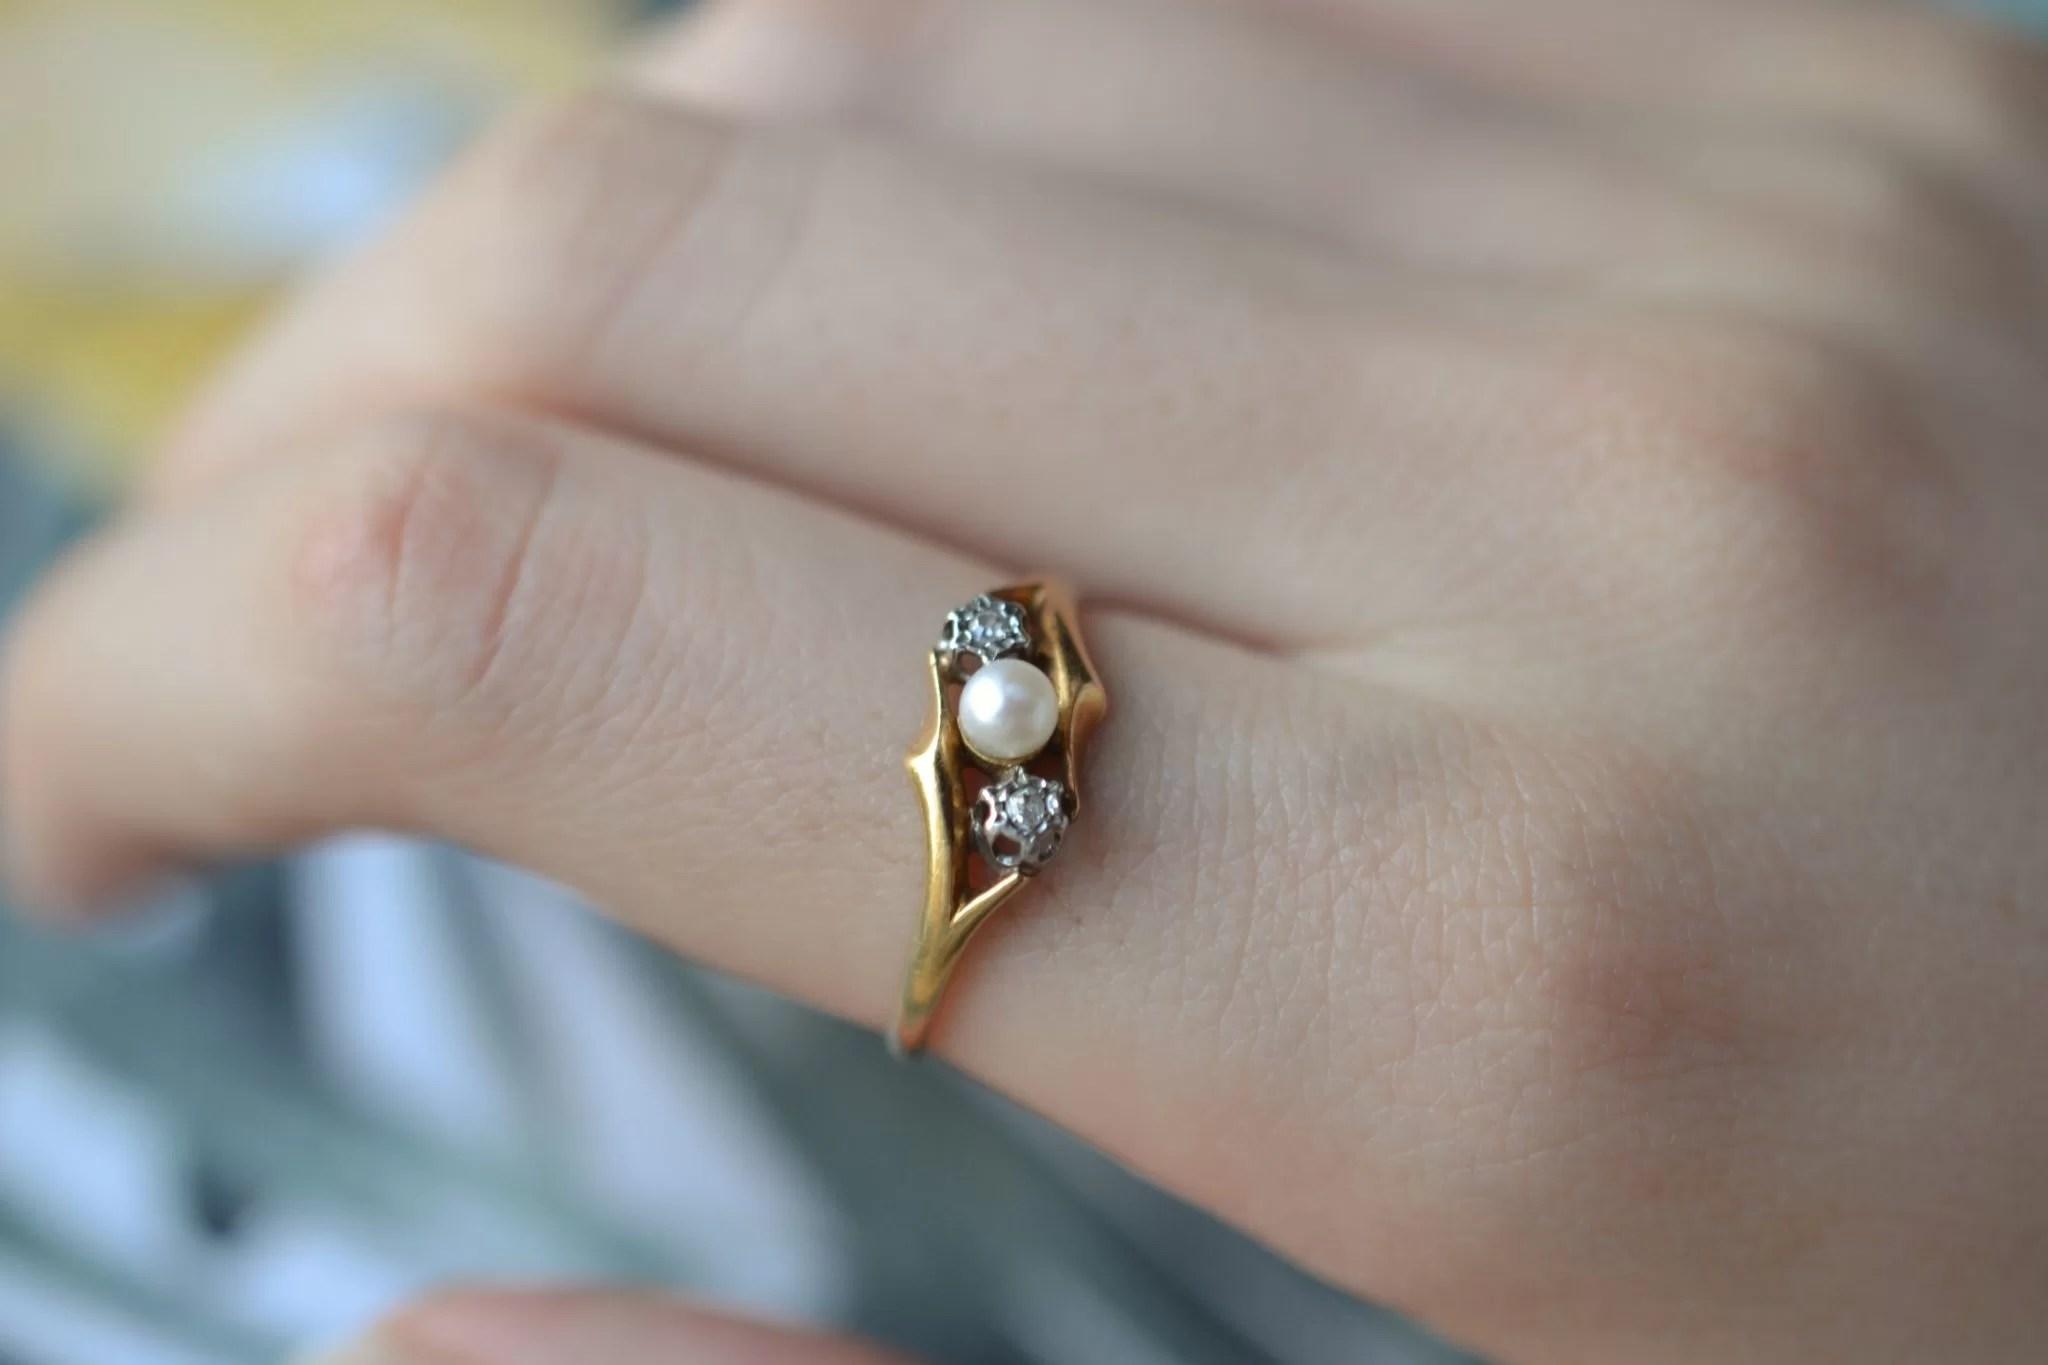 Bague en Or jaune ornée d_une perle bouton entourée de 2 diamants - bague de seconde main